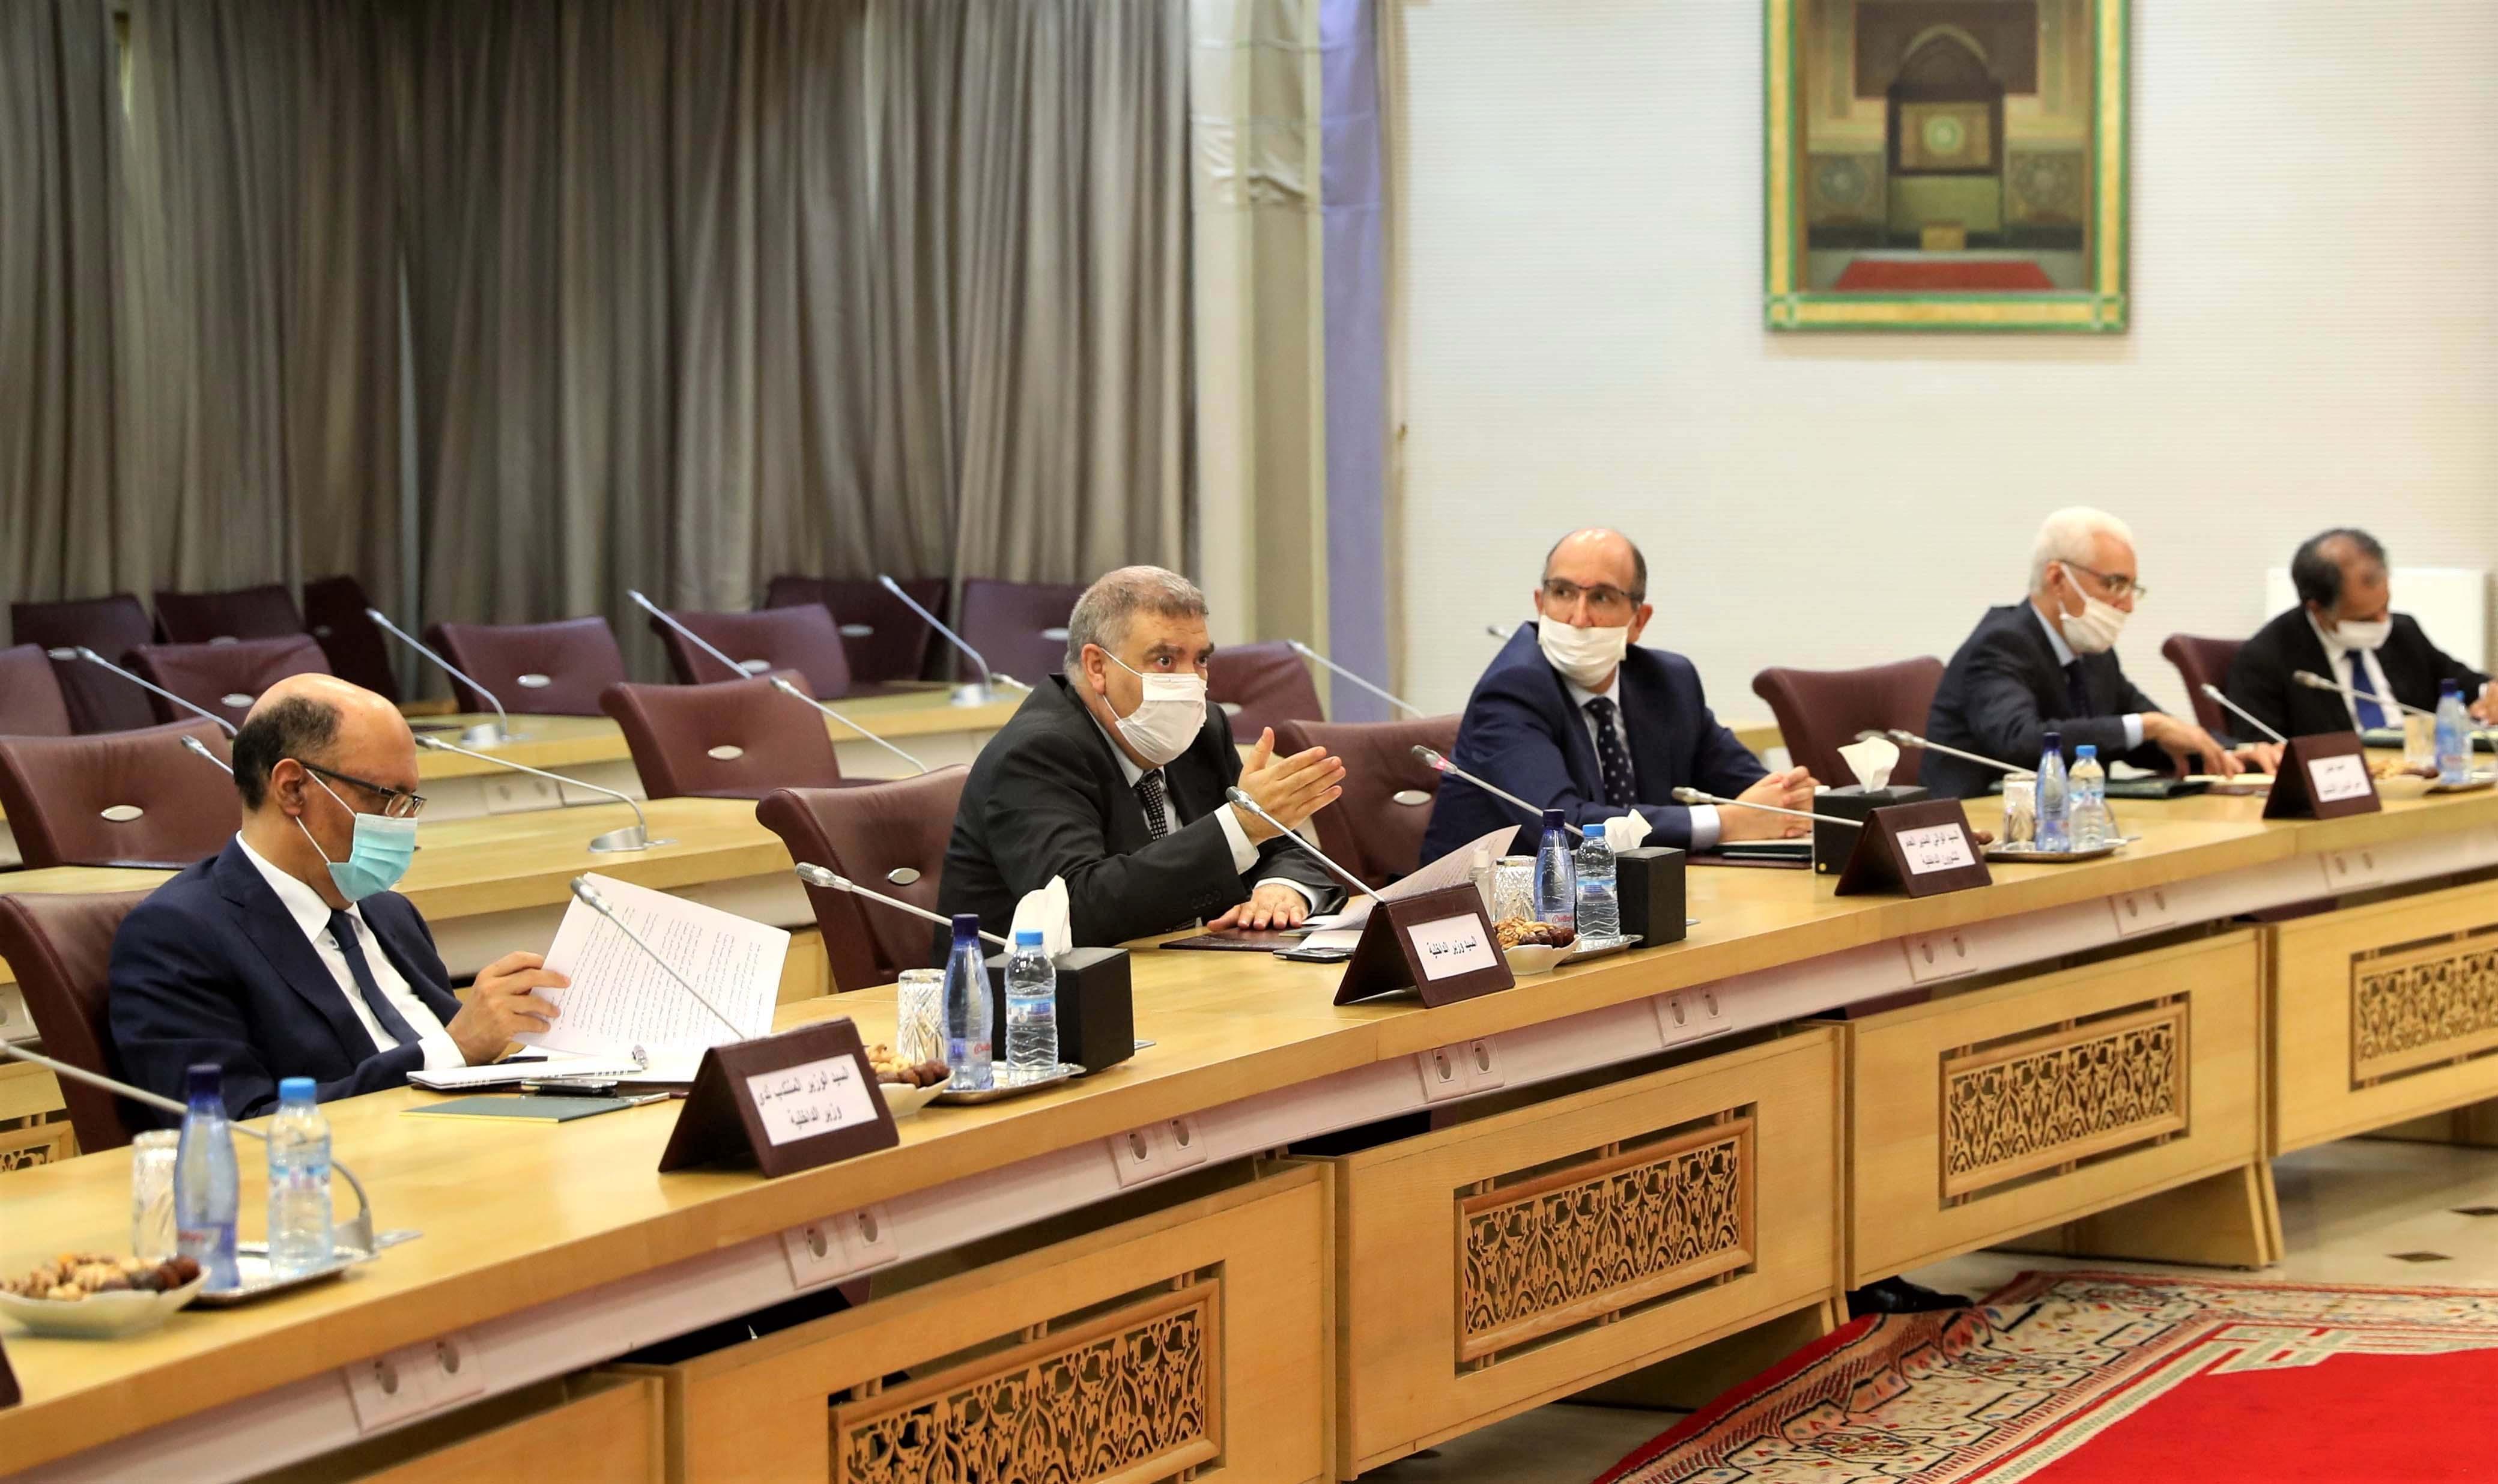 Le ministère de l'Intérieur devant le défi de la réussite des échéances électorales